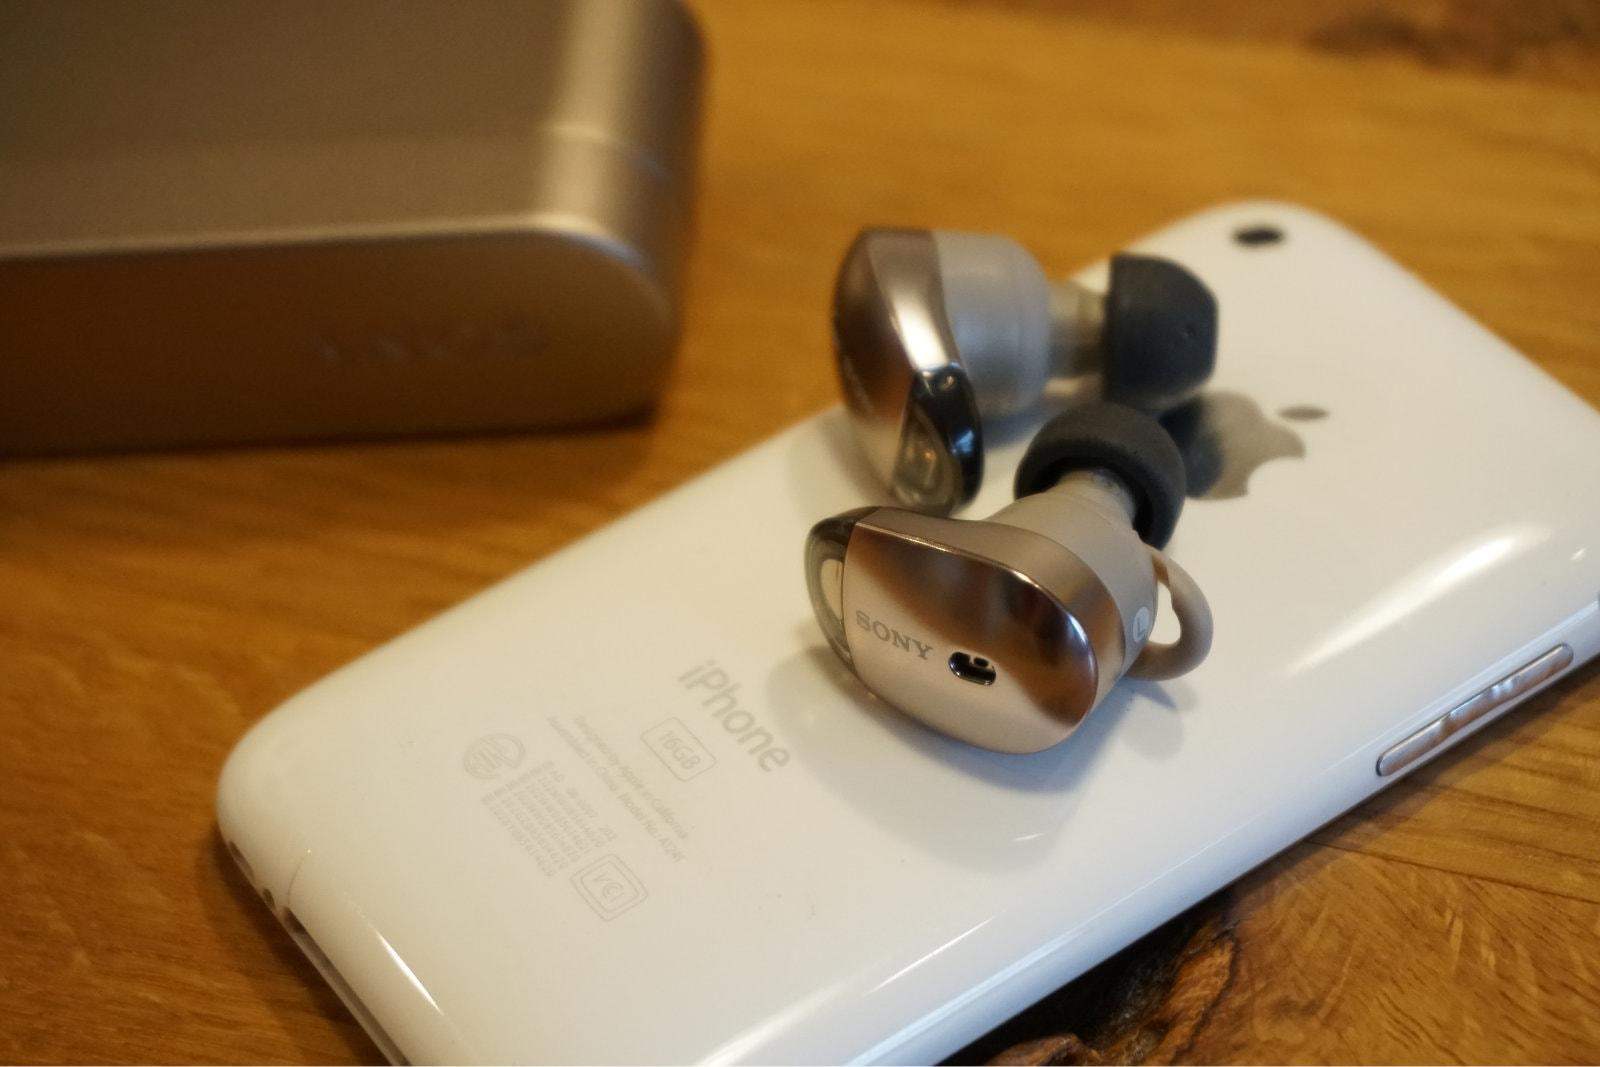 SONYのノイキャンワイヤレスイヤフォン WF-1000XとiPhone 3G